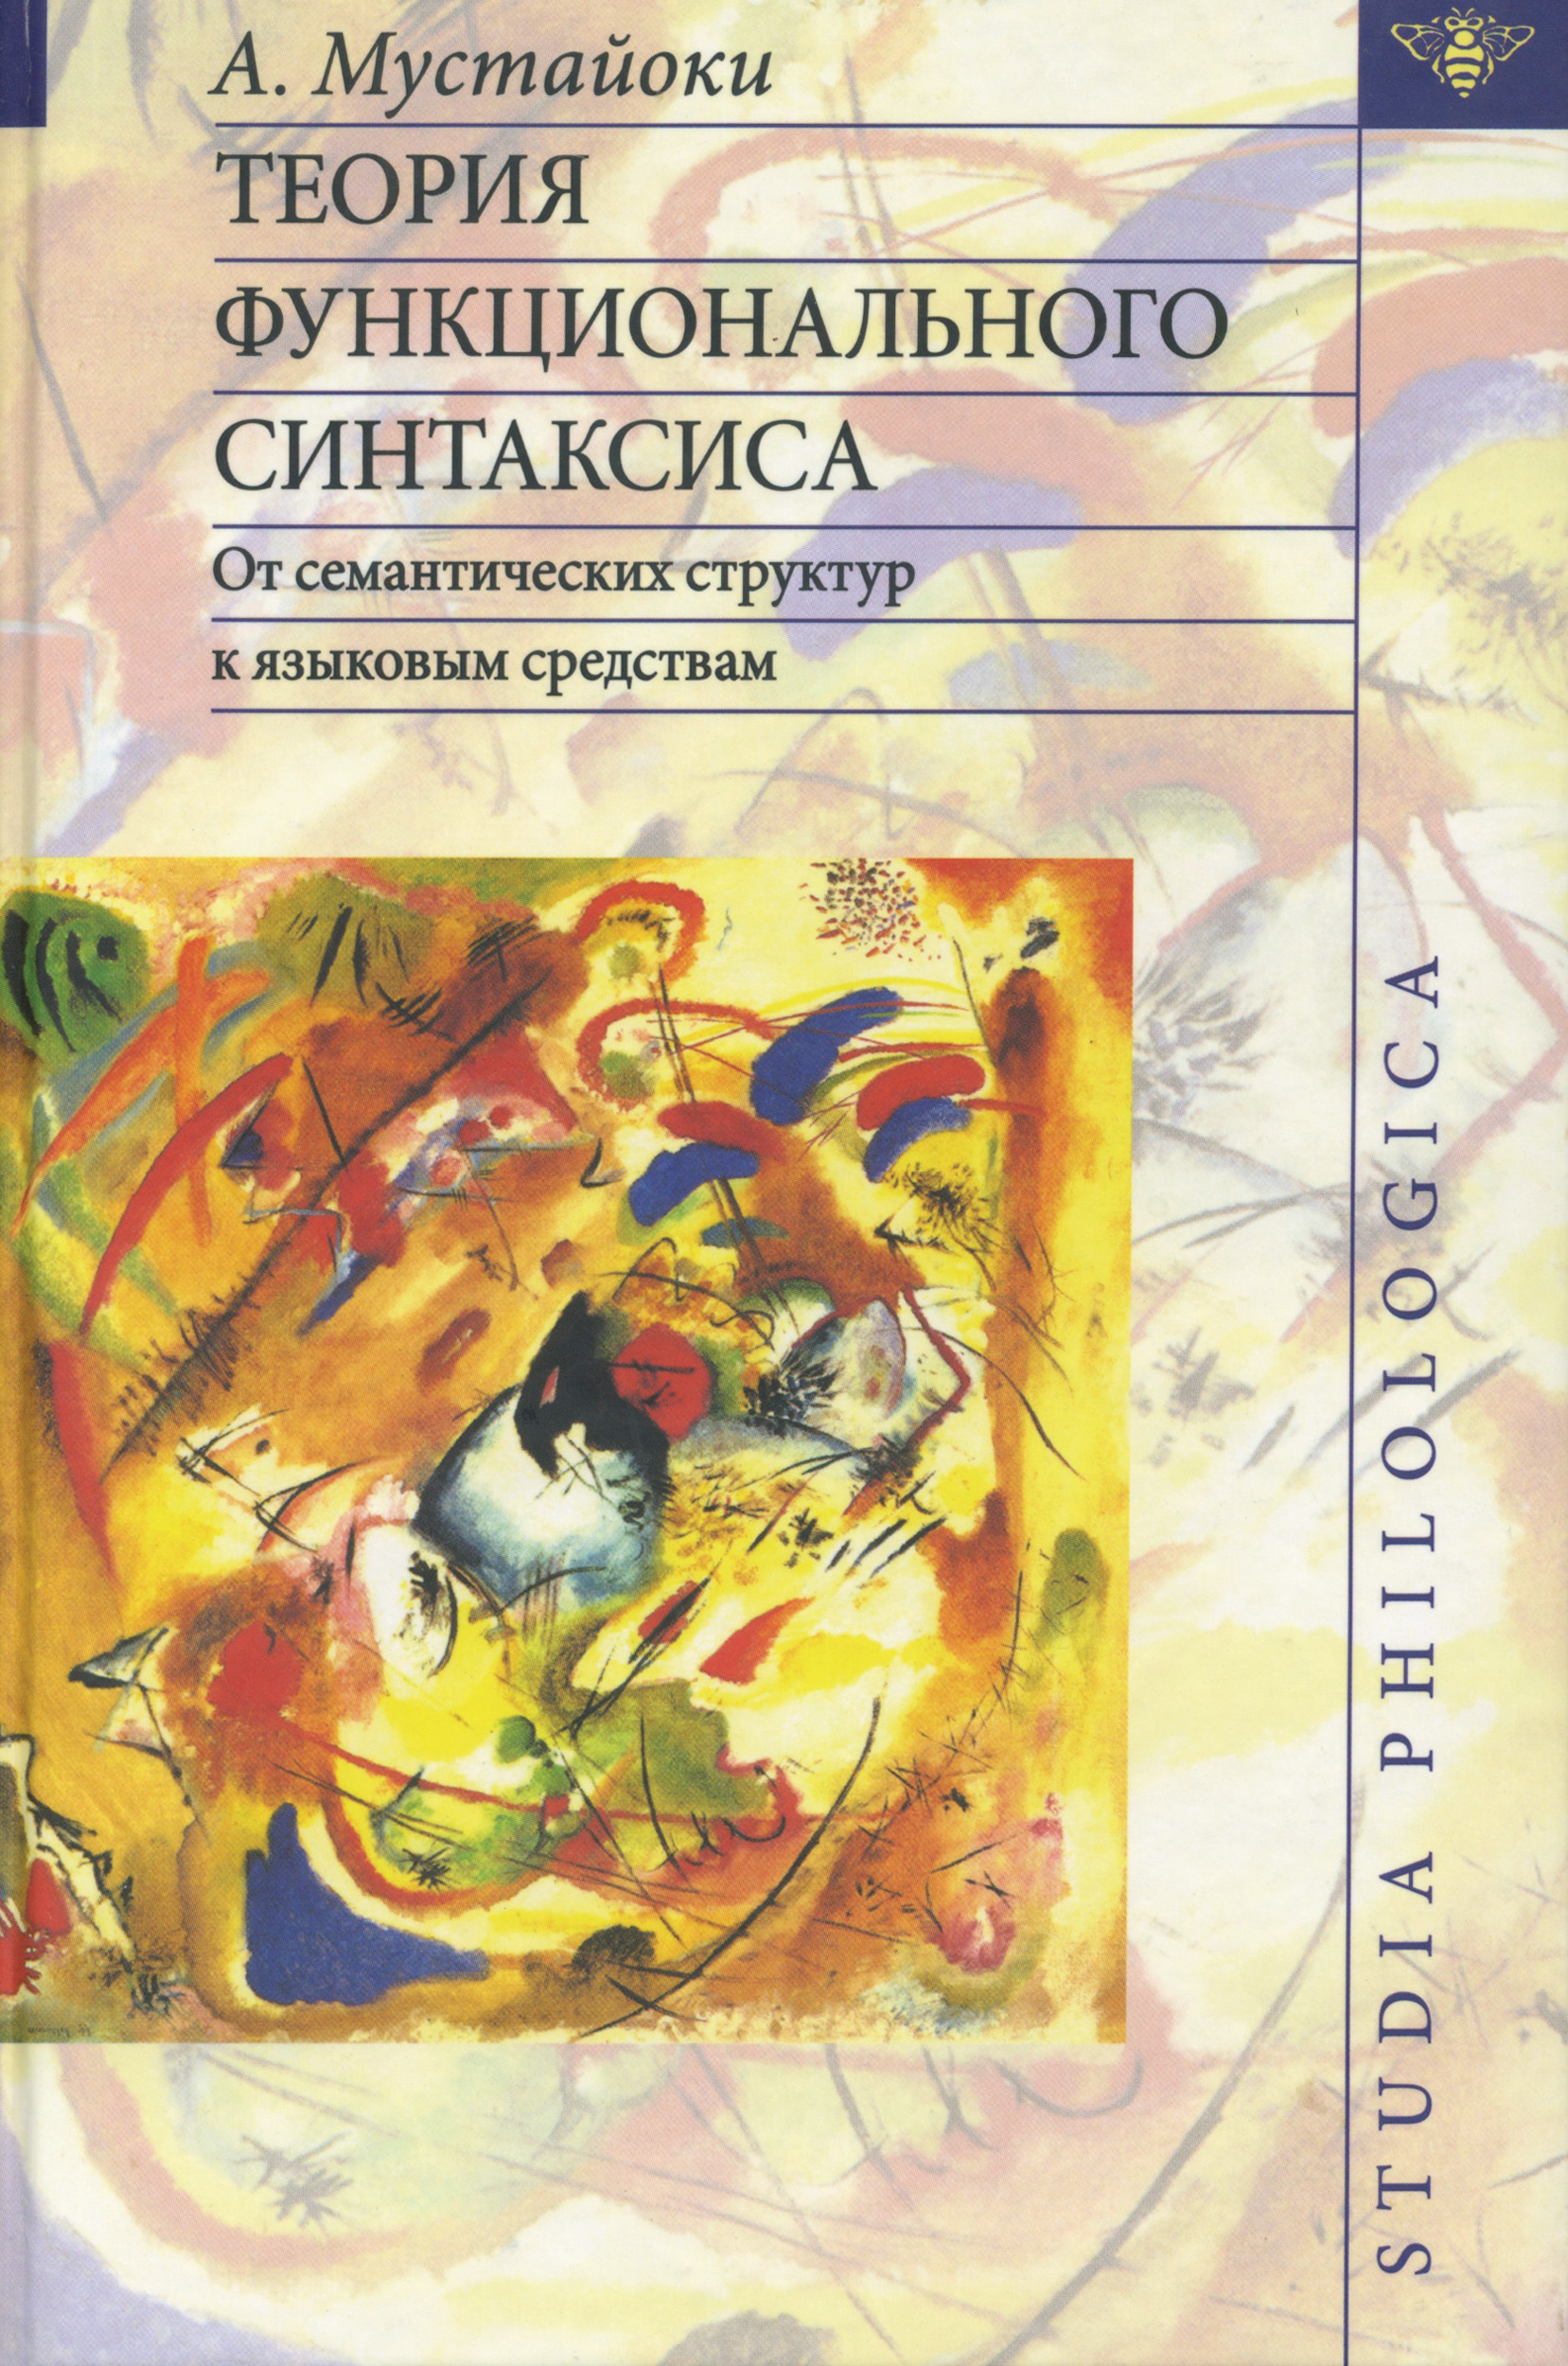 Арто Мустайоки Теория функционального синтаксиса. От семантических структур к языковым средствам